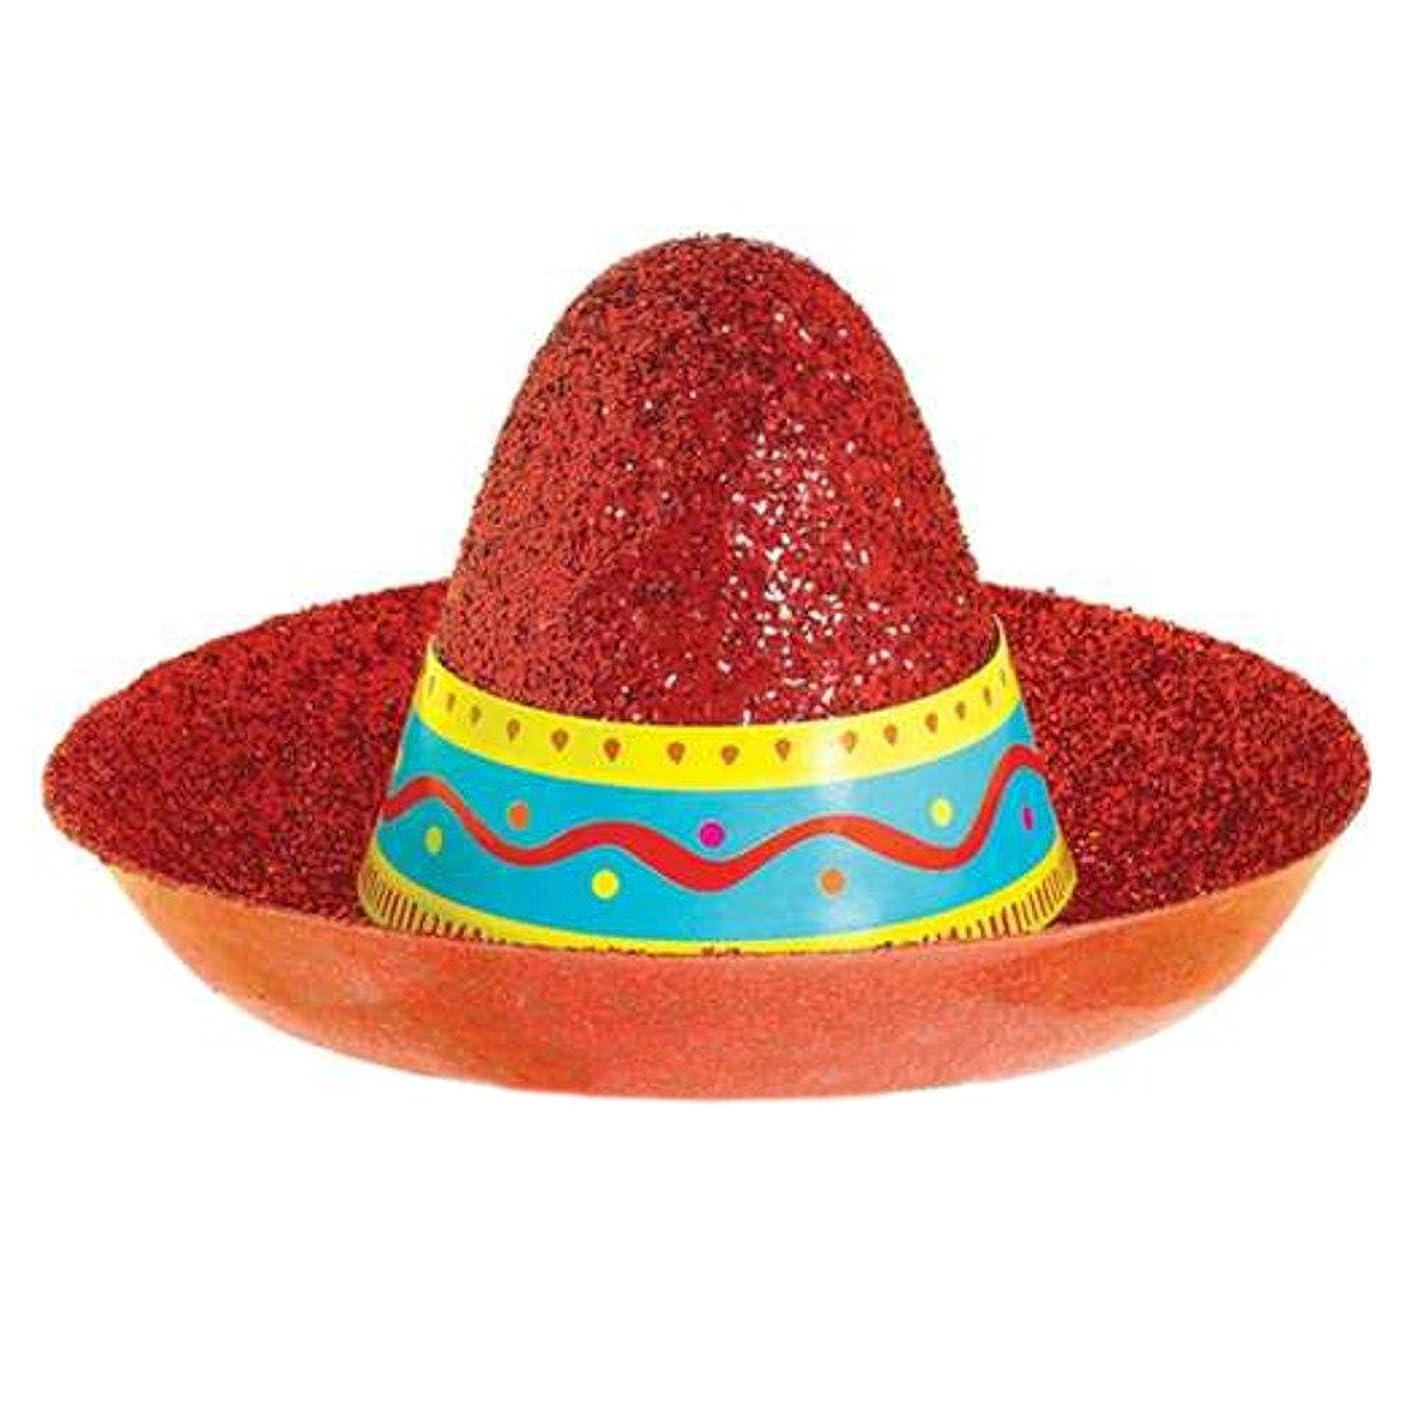 Amscan Cinco De Mayo Sombrero Mini Red Glitter Hat | Fiesta Accessory | 12 Ct.